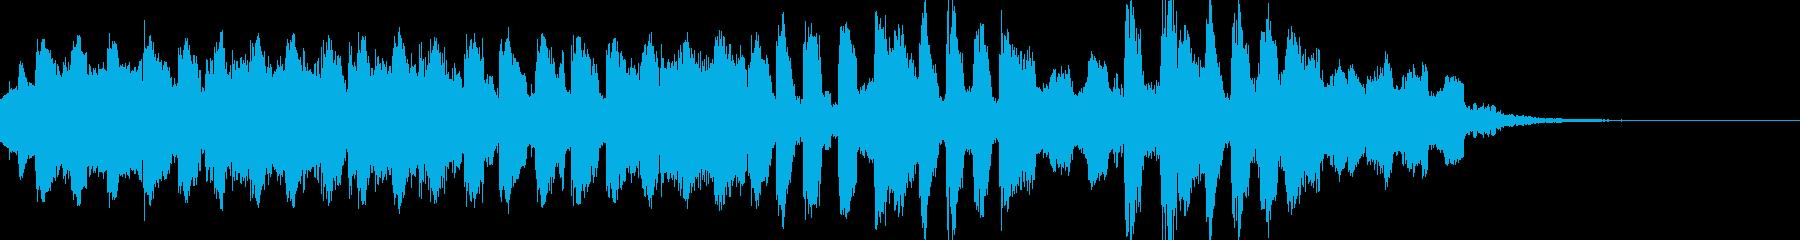 爽やか明るい軽快EDM・CMオープニングの再生済みの波形